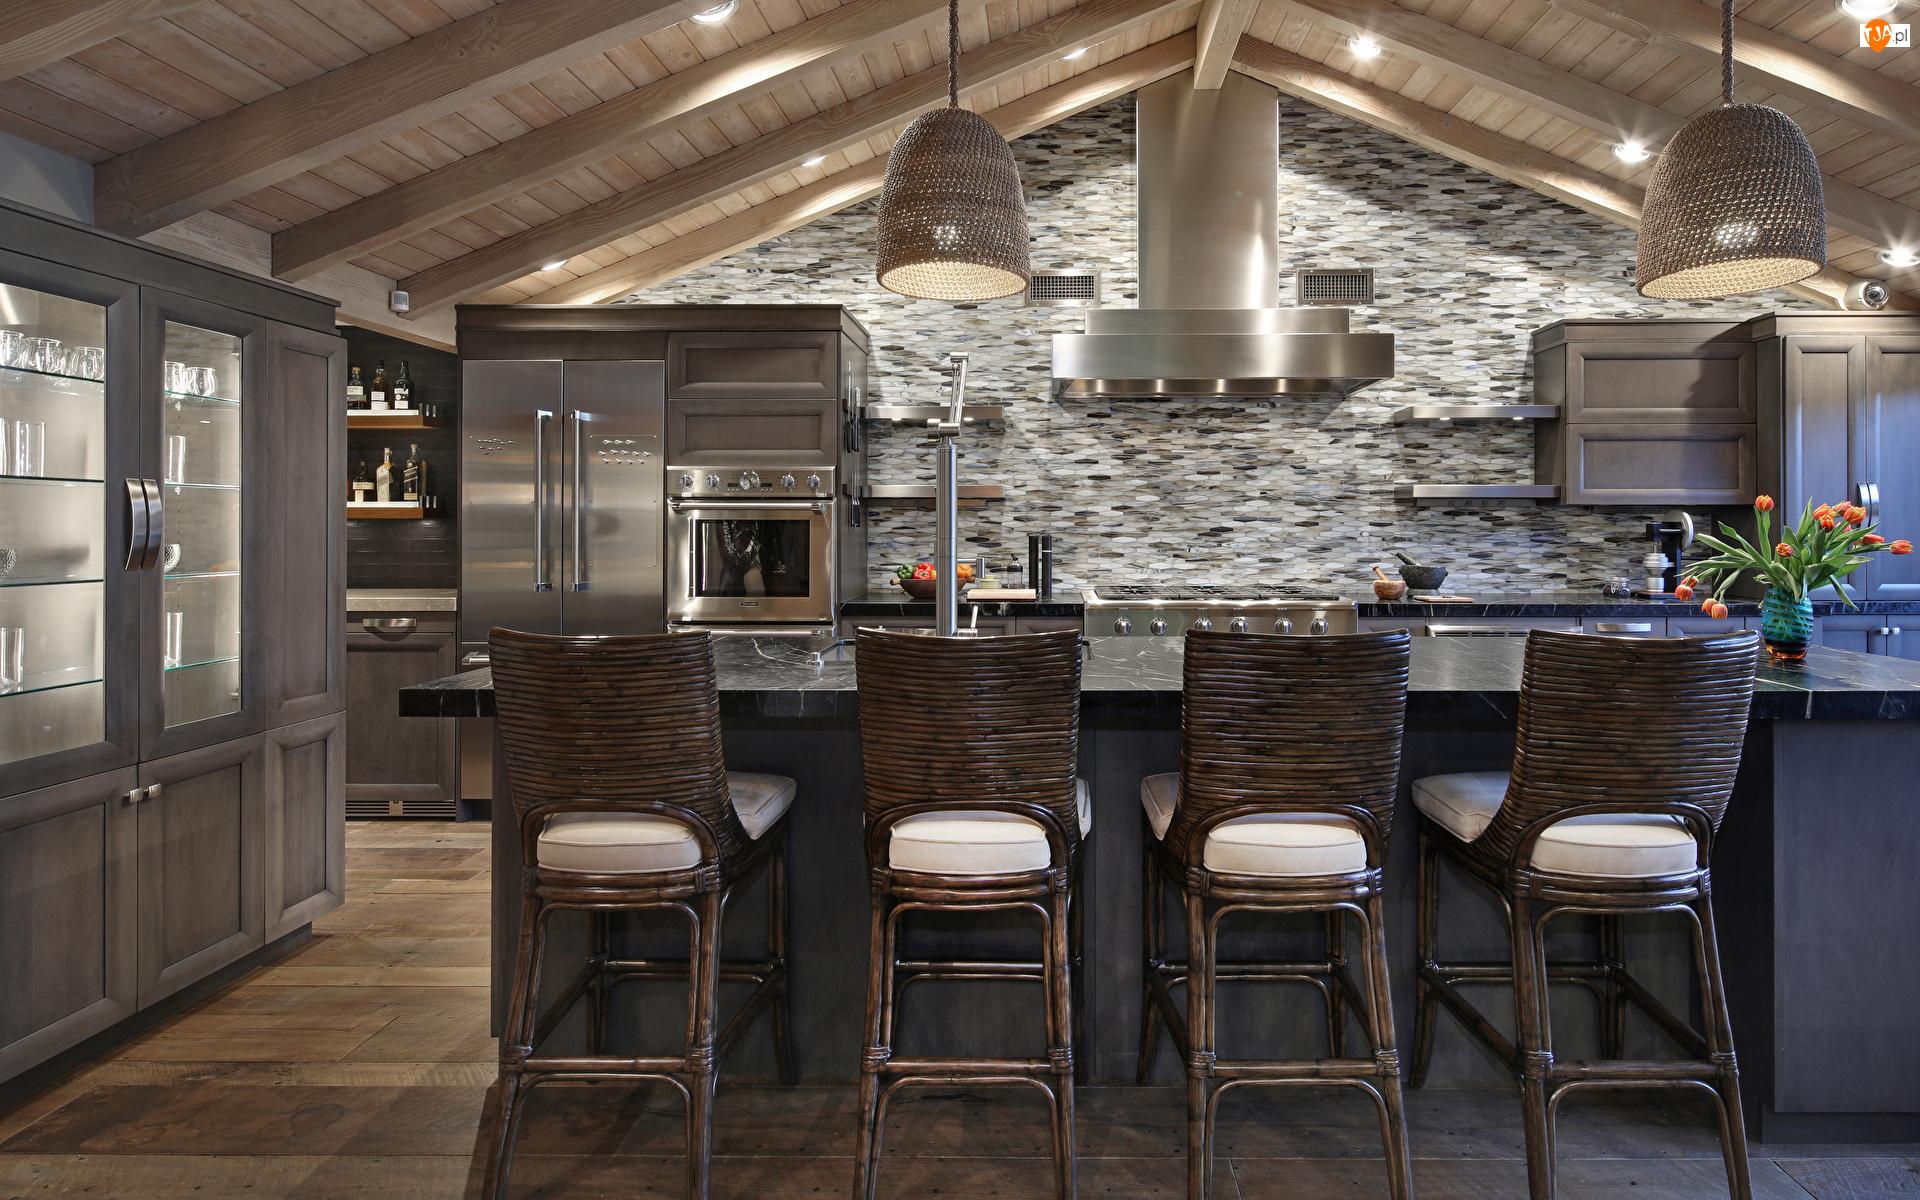 Krzesła, Kuchnia, Drewniany, Sufit